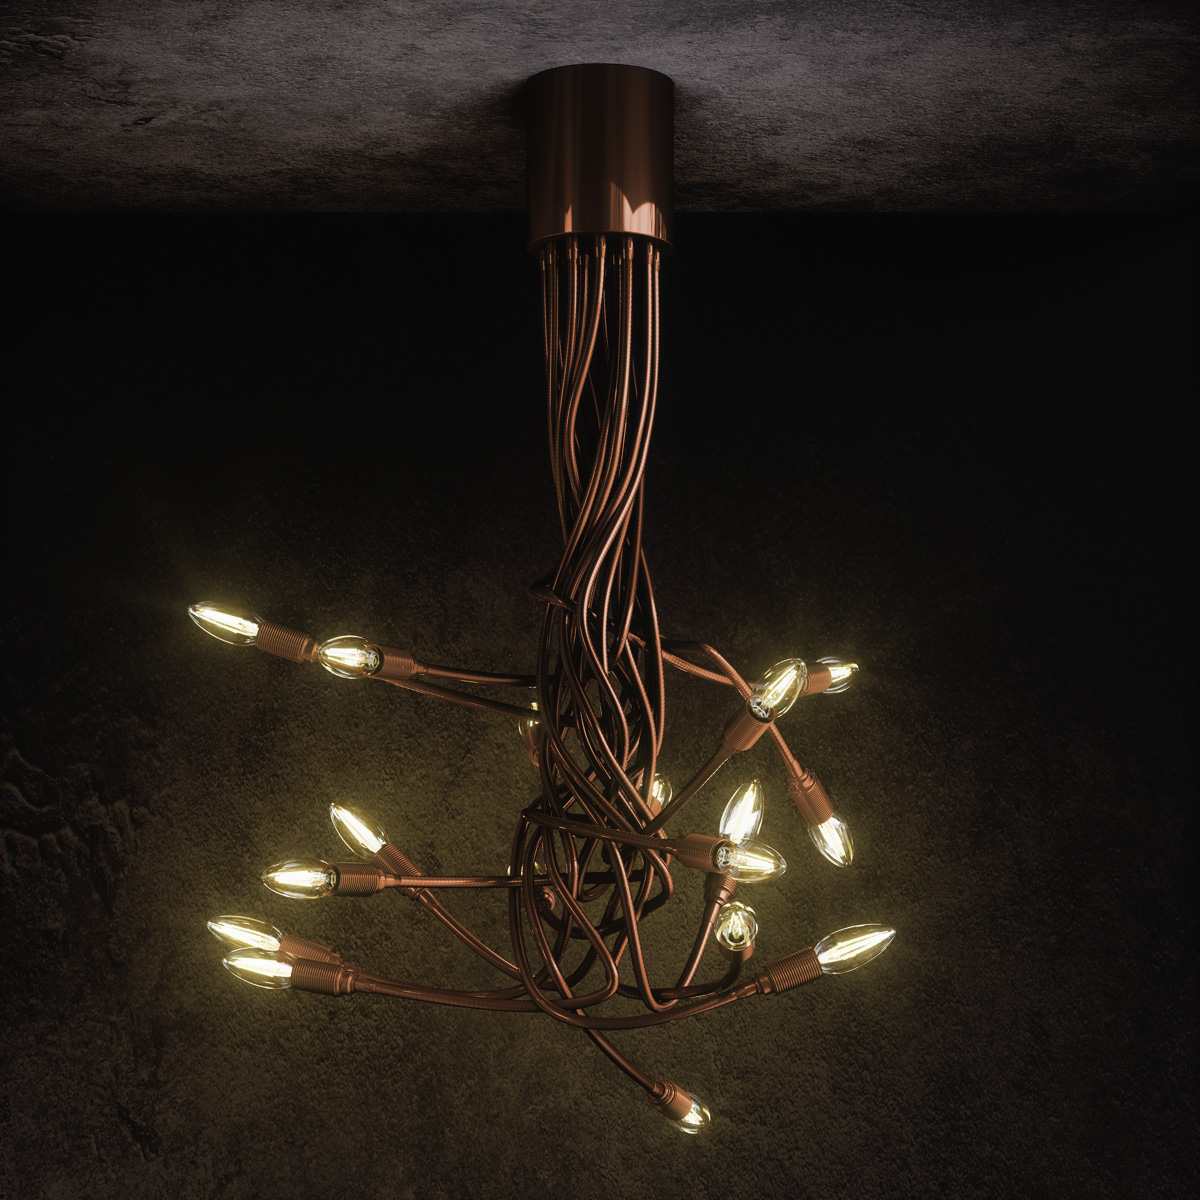 Πολύφωτο με εύκαμπτους βραχίονες ΜΕΔΟΥΣΑ chandelier with flexible arms